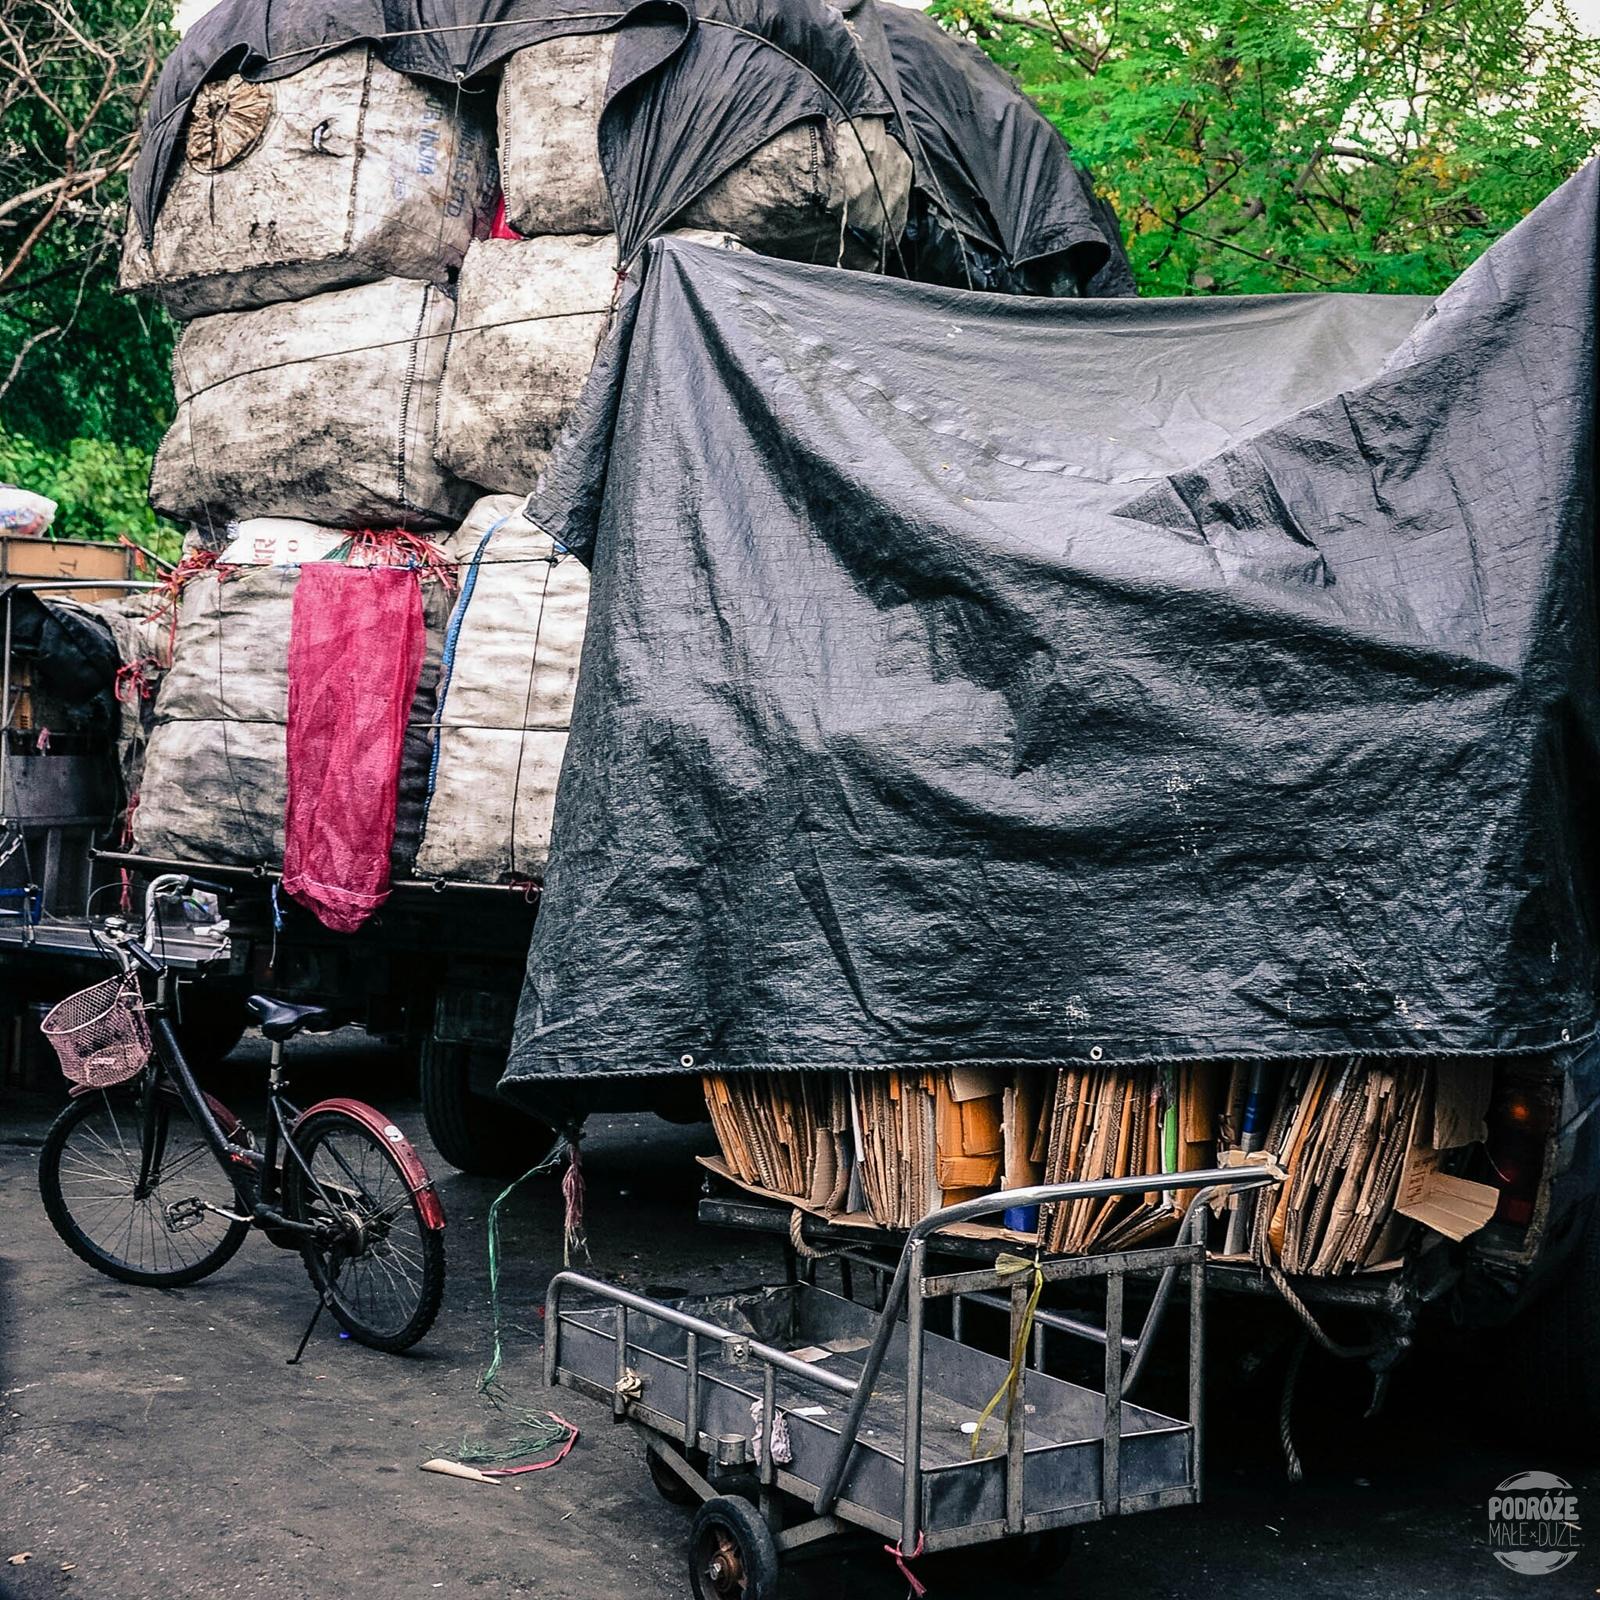 Ulice BAngkoku. China Town. Tajlandia podczas podróży Azja z plecakiem.